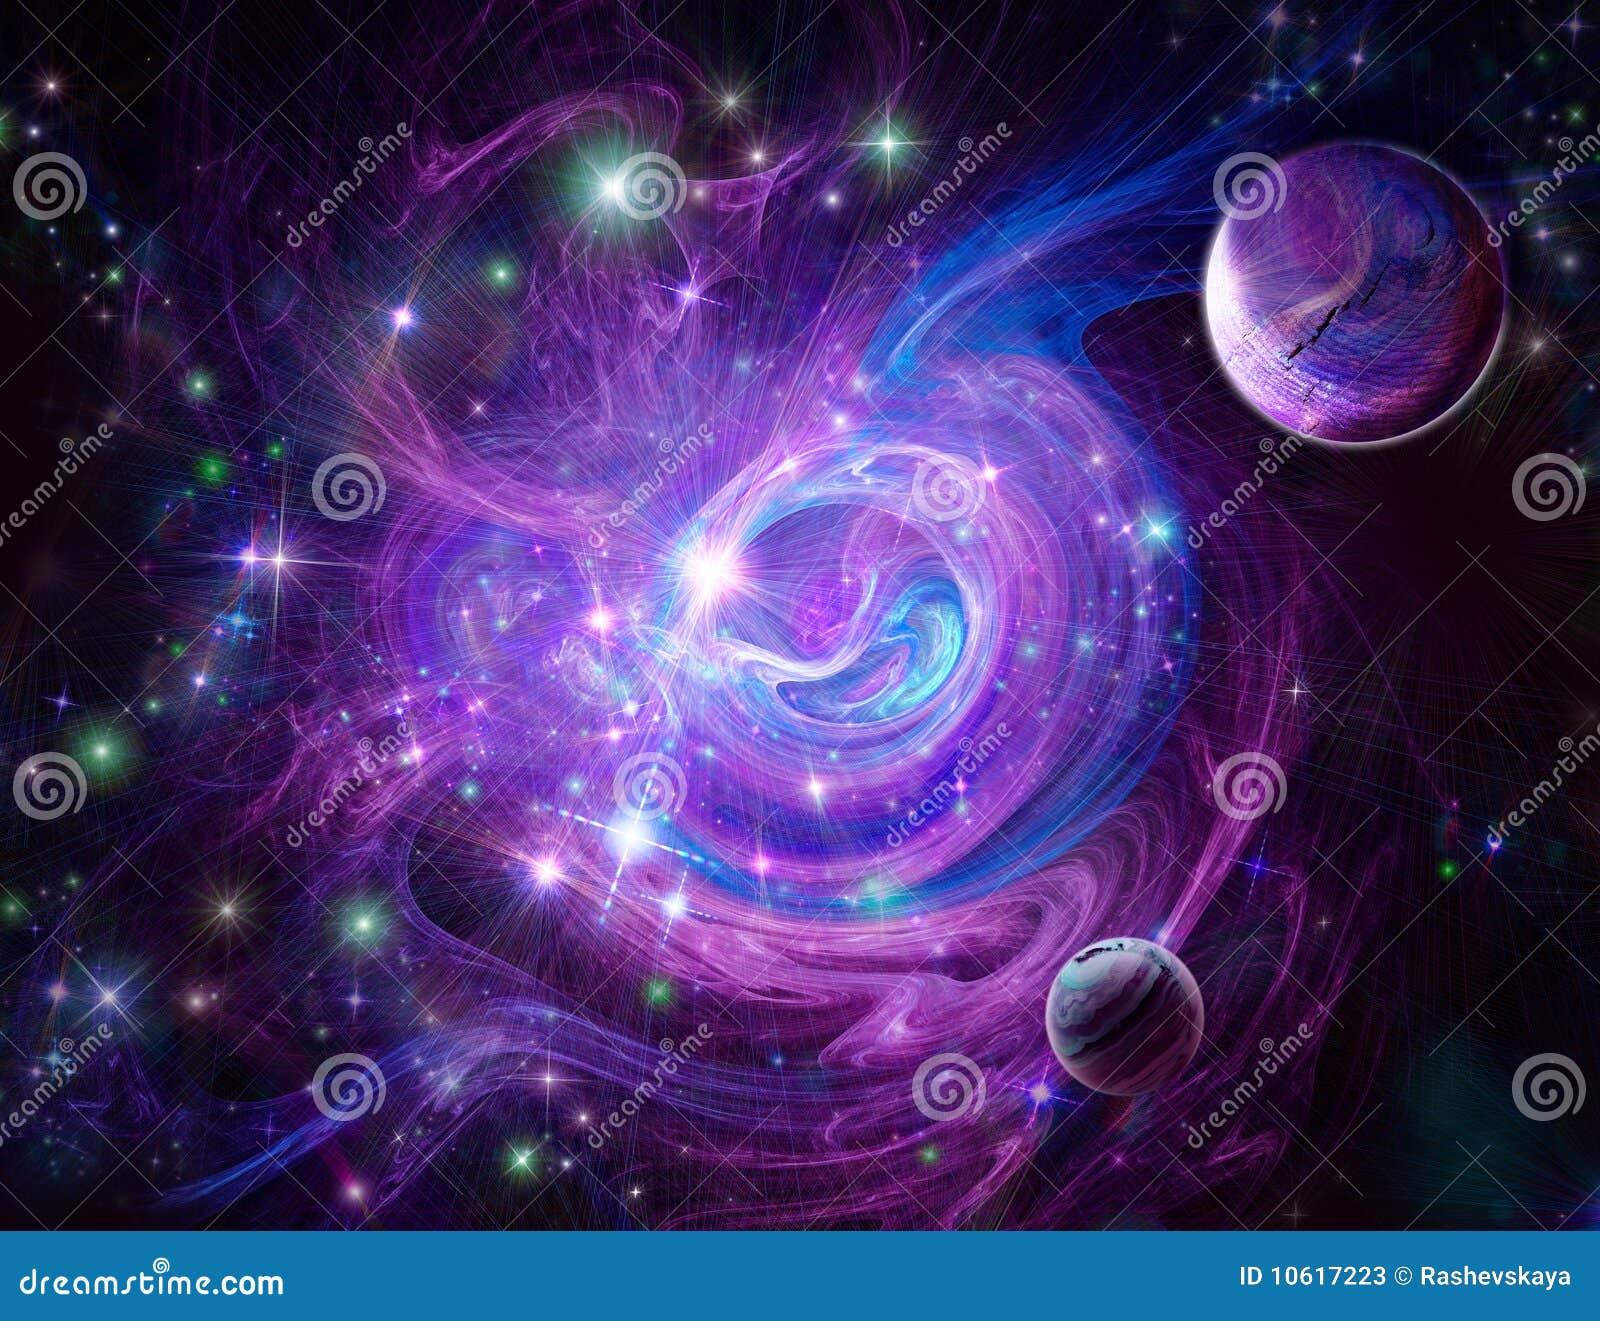 purple pink nebula - photo #32